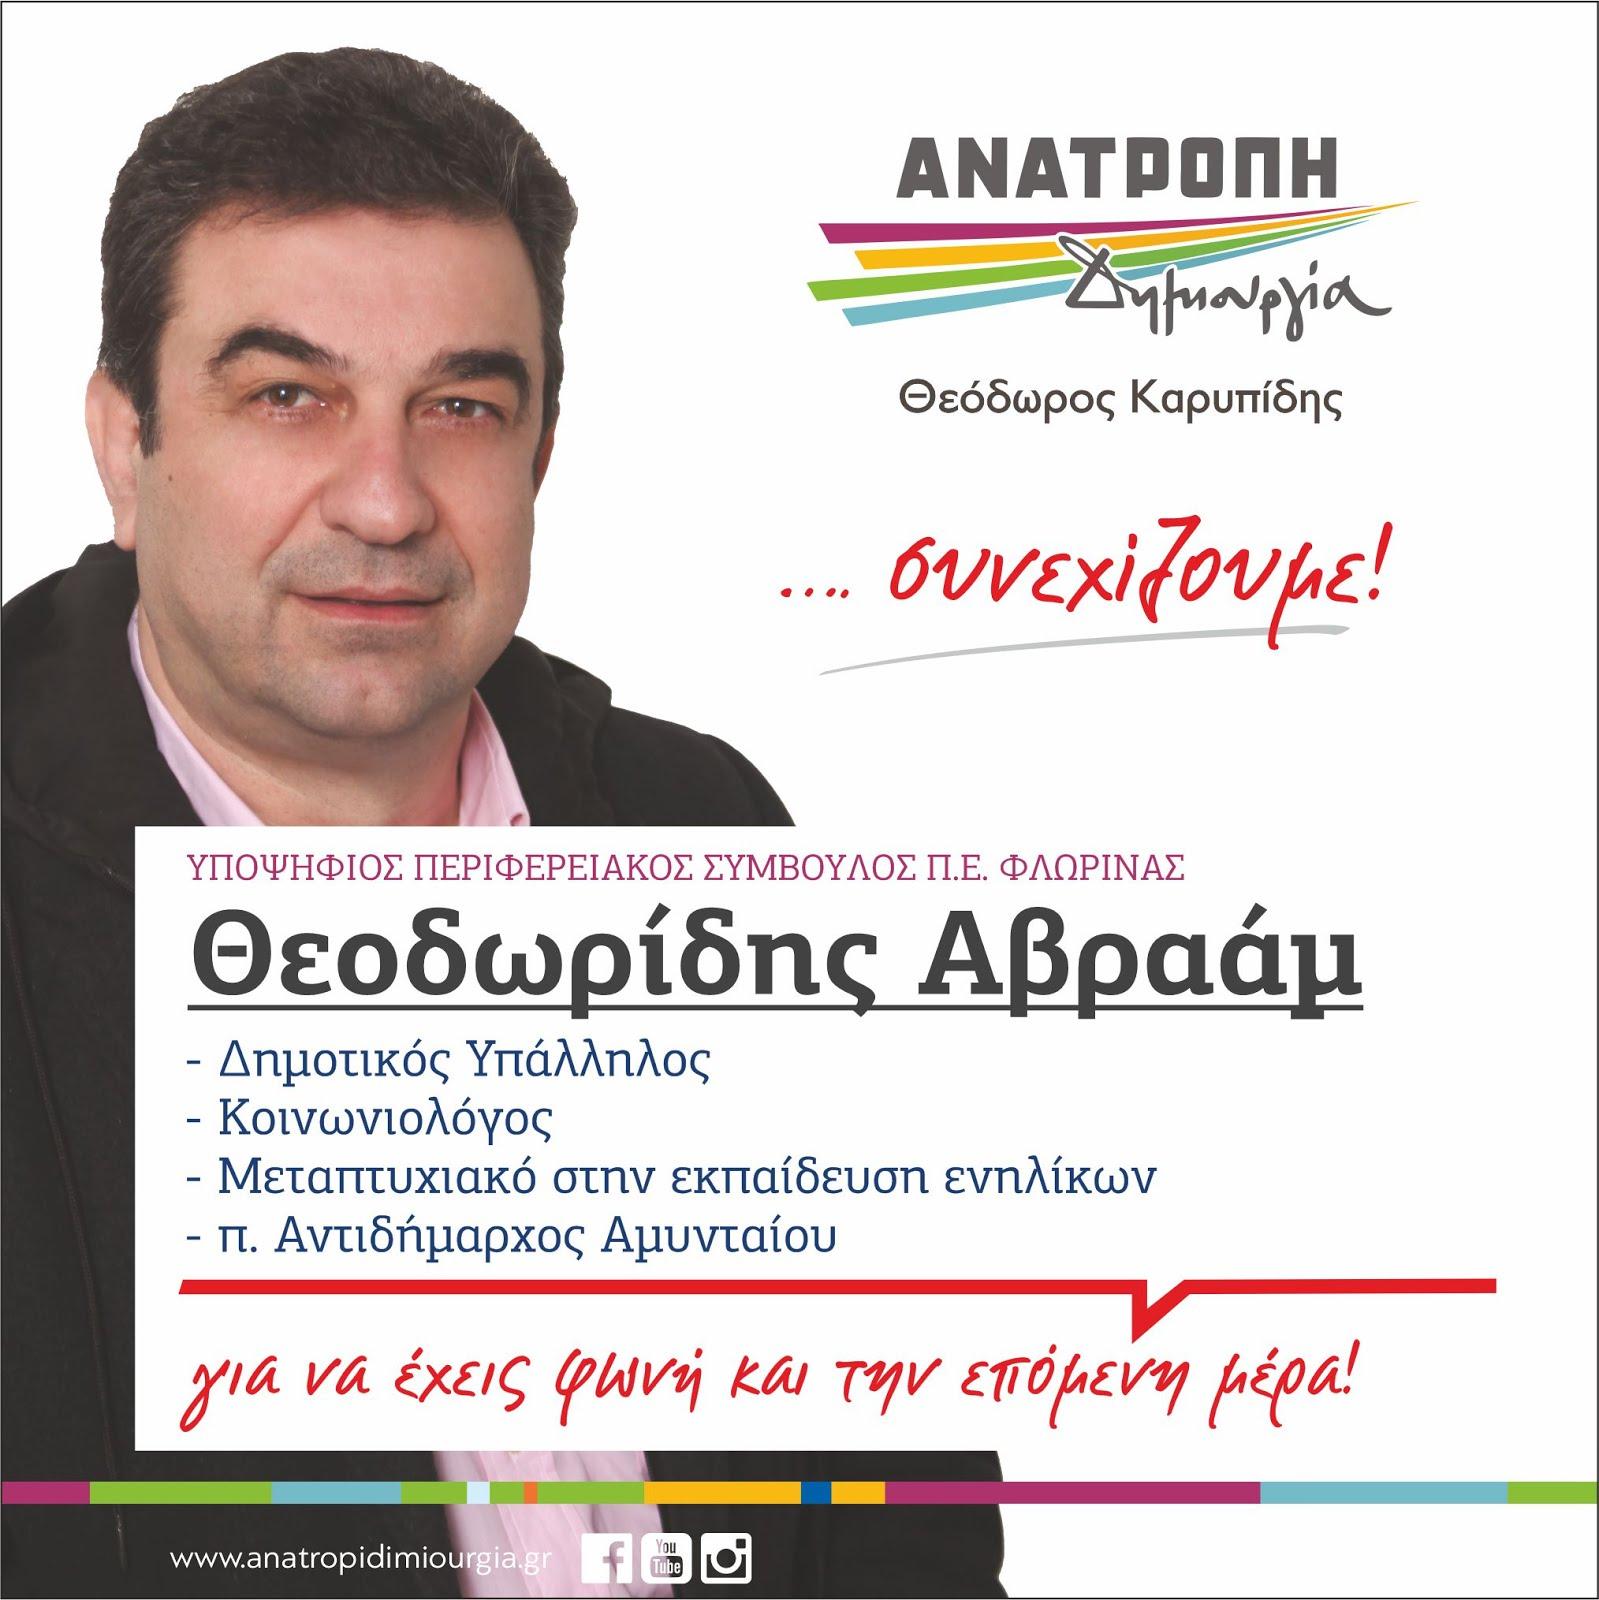 ΘΕΟΔΩΡΙΔΗΣ ΑΒΡΑΑΜ: Υποψήφιος περιφερειακός σύμβουλος